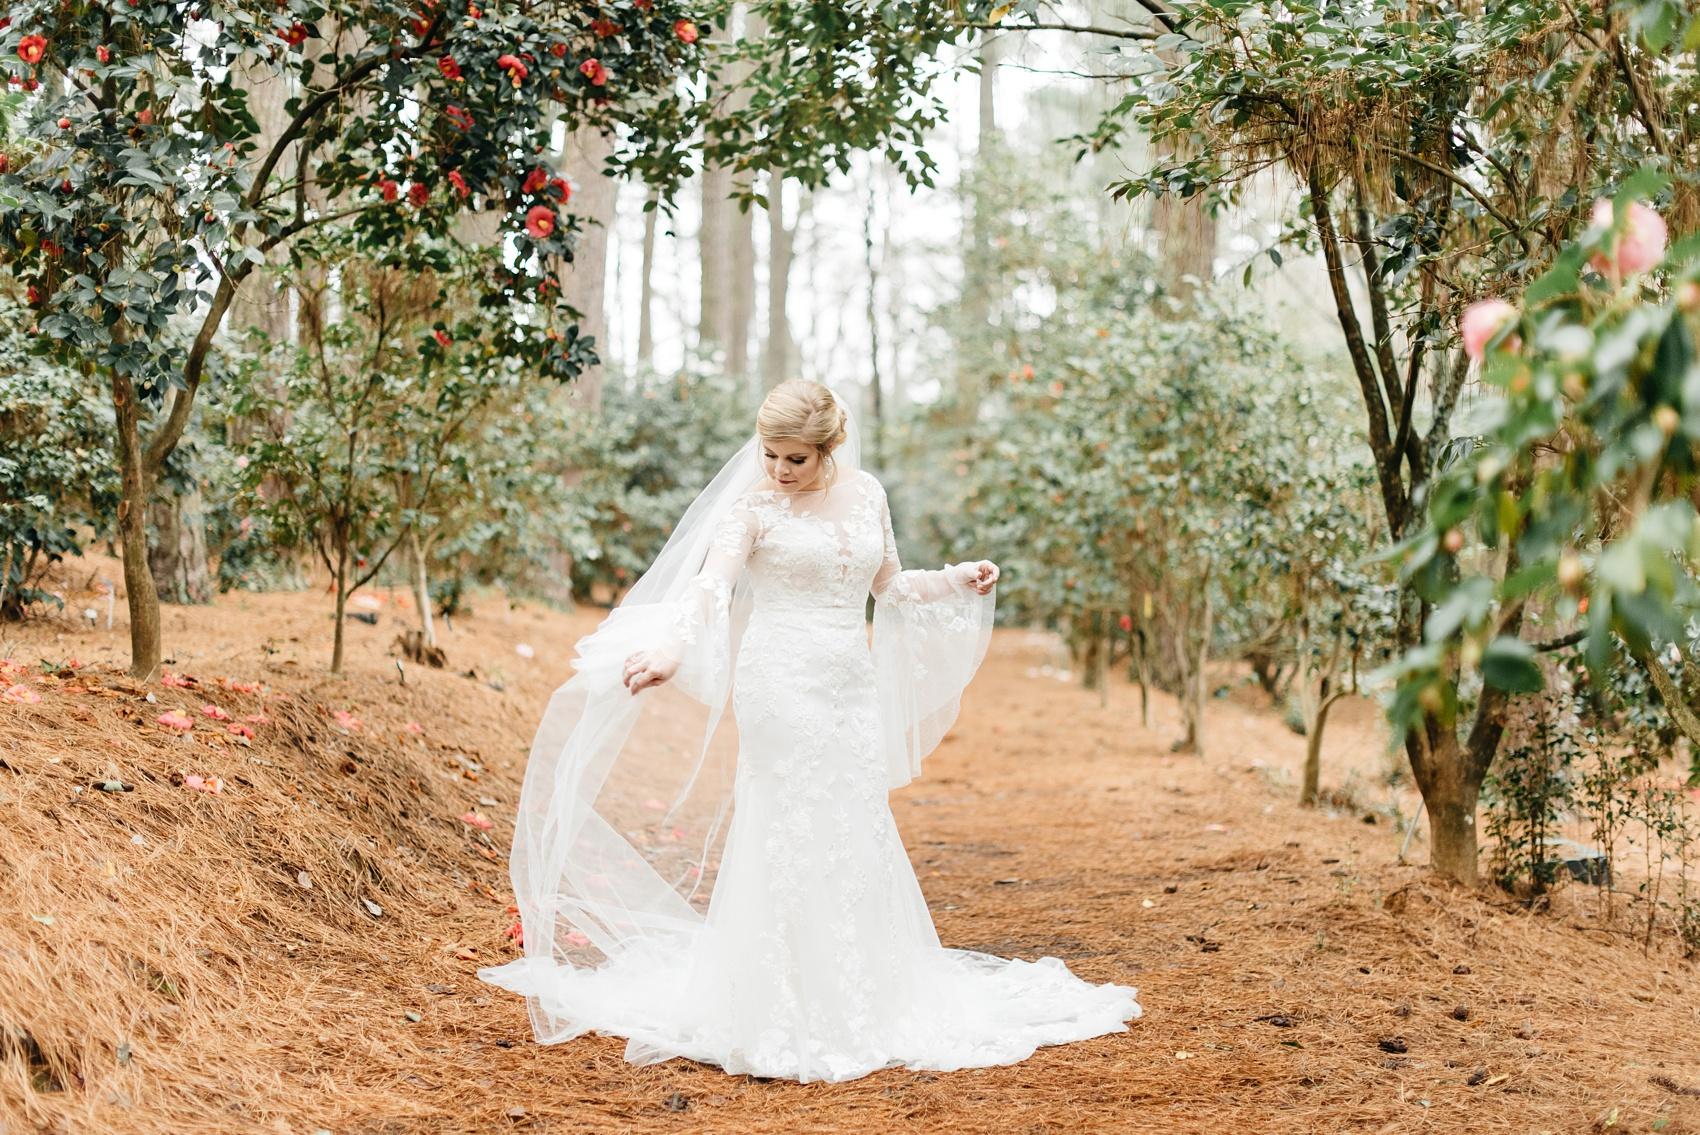 aiken_wedding_photographer_5187.jpg